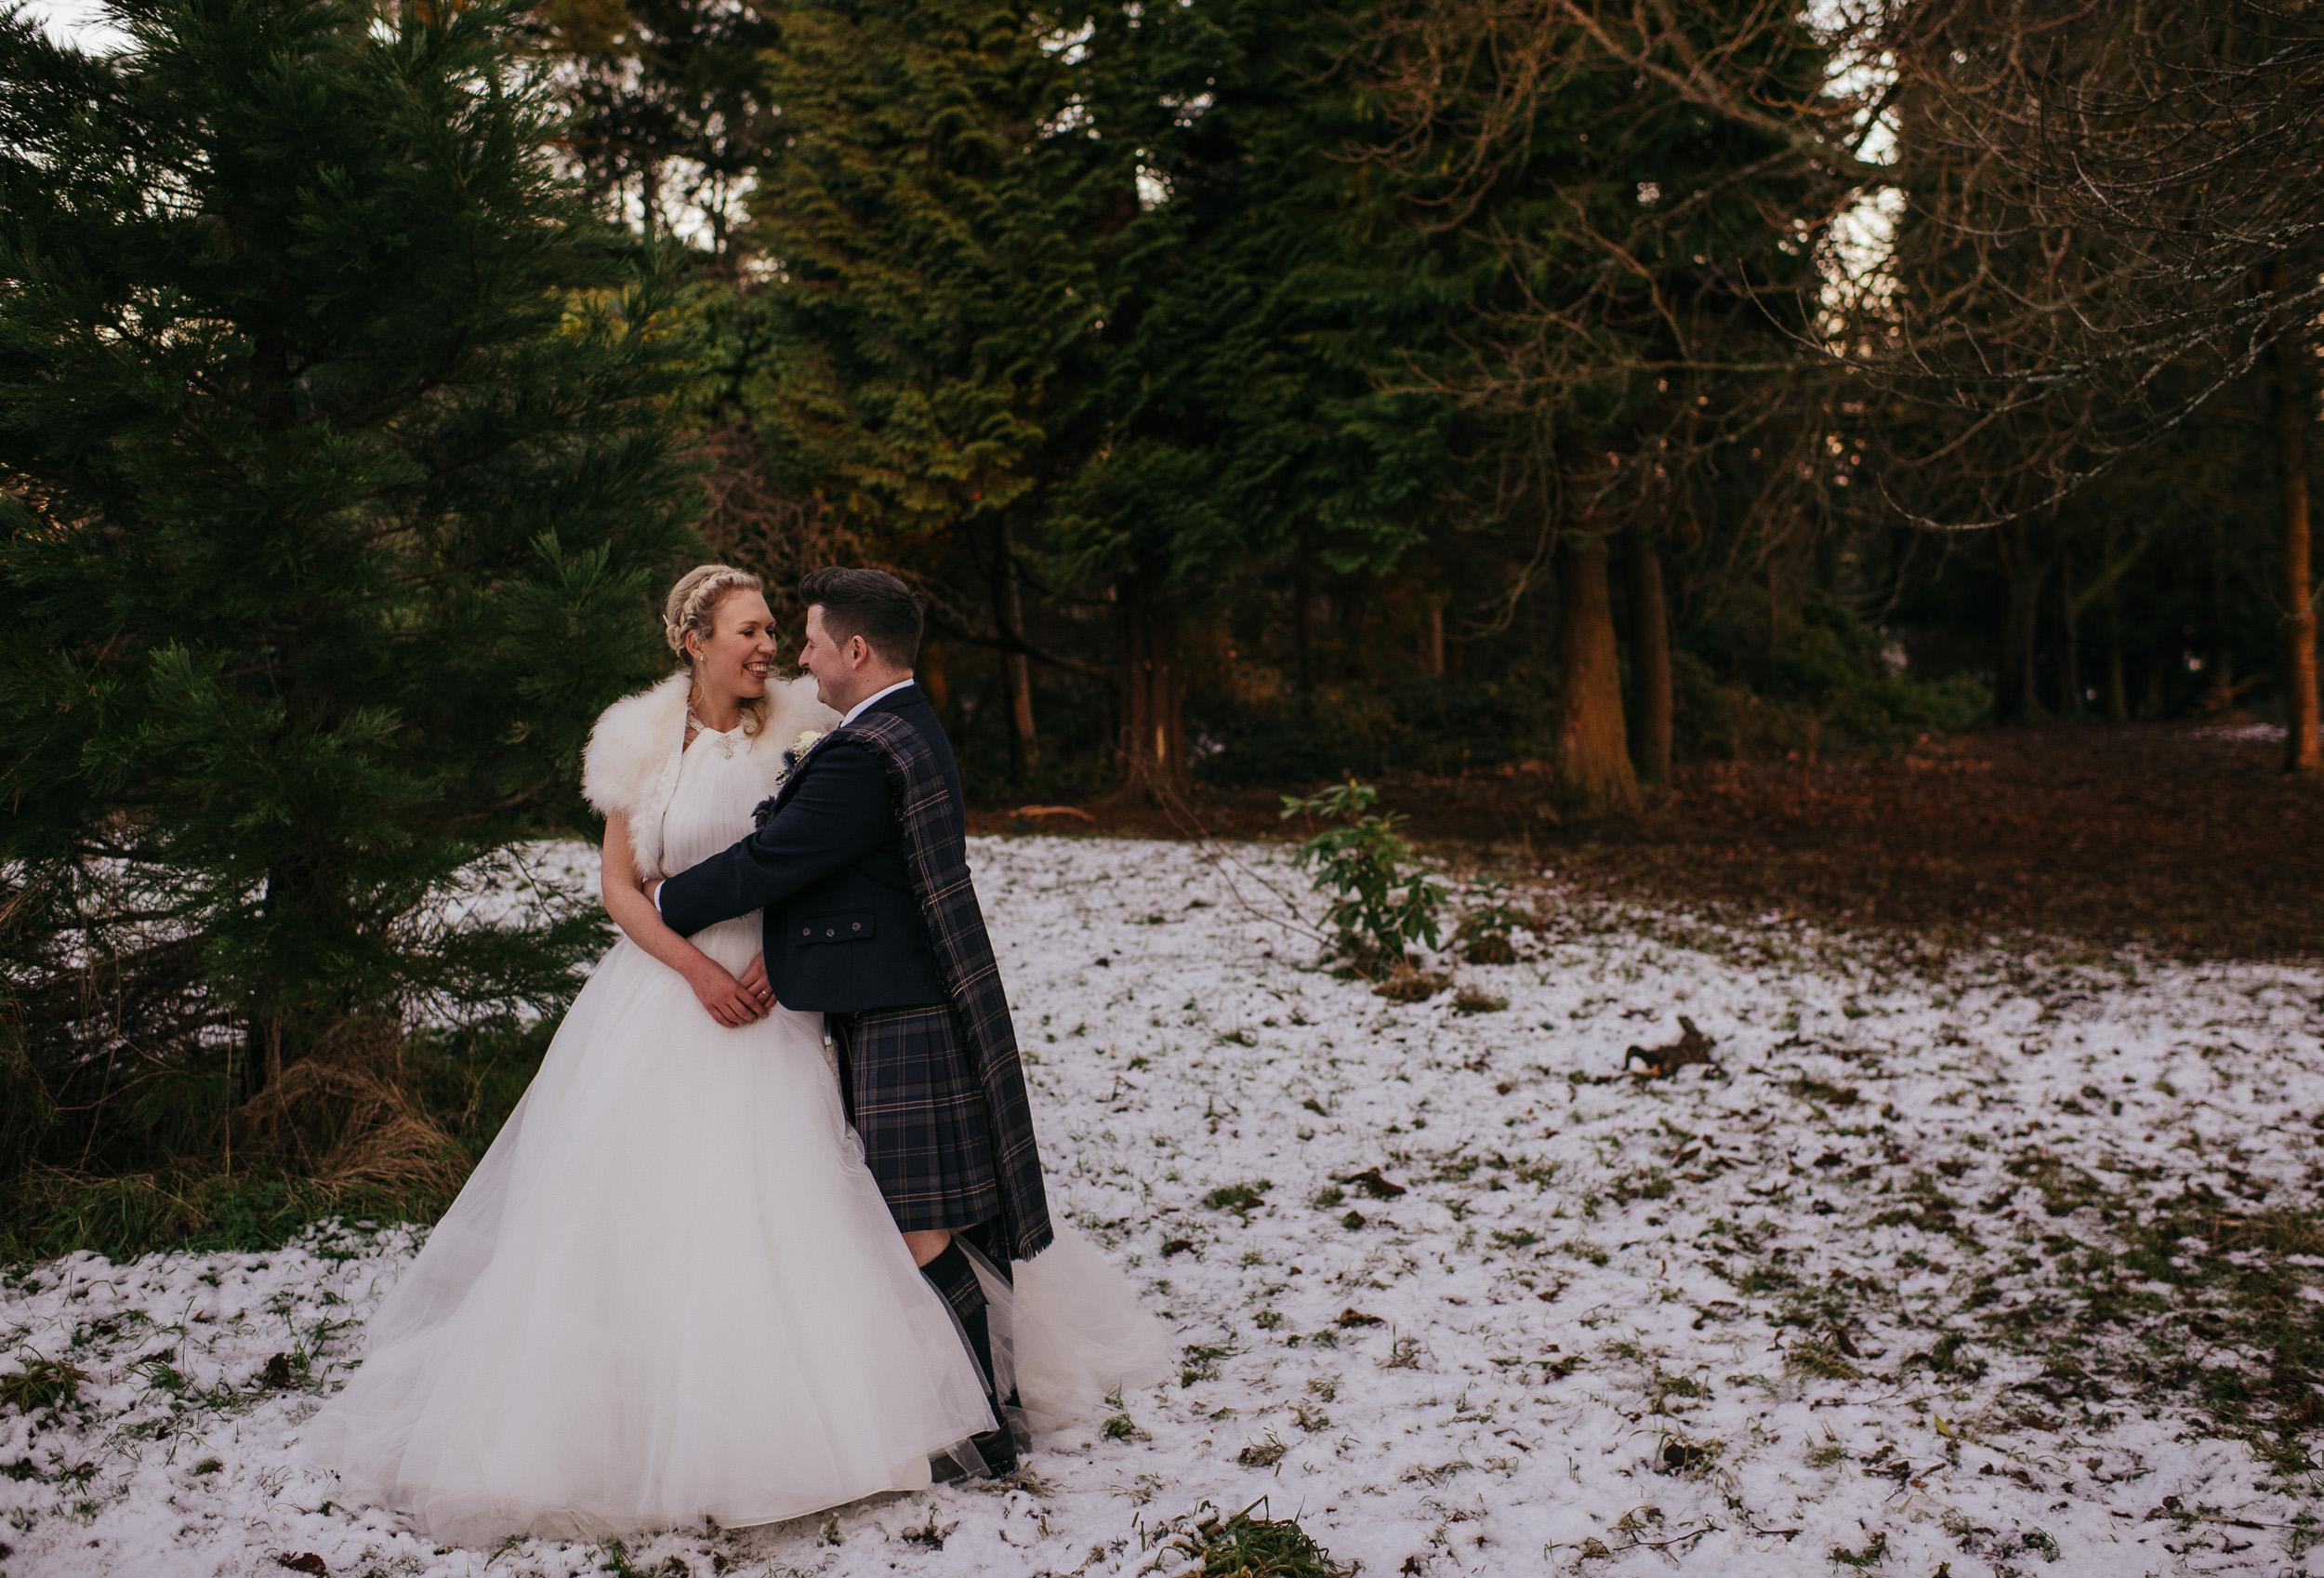 House-for-an-Art-Lover-Wedding160.jpg